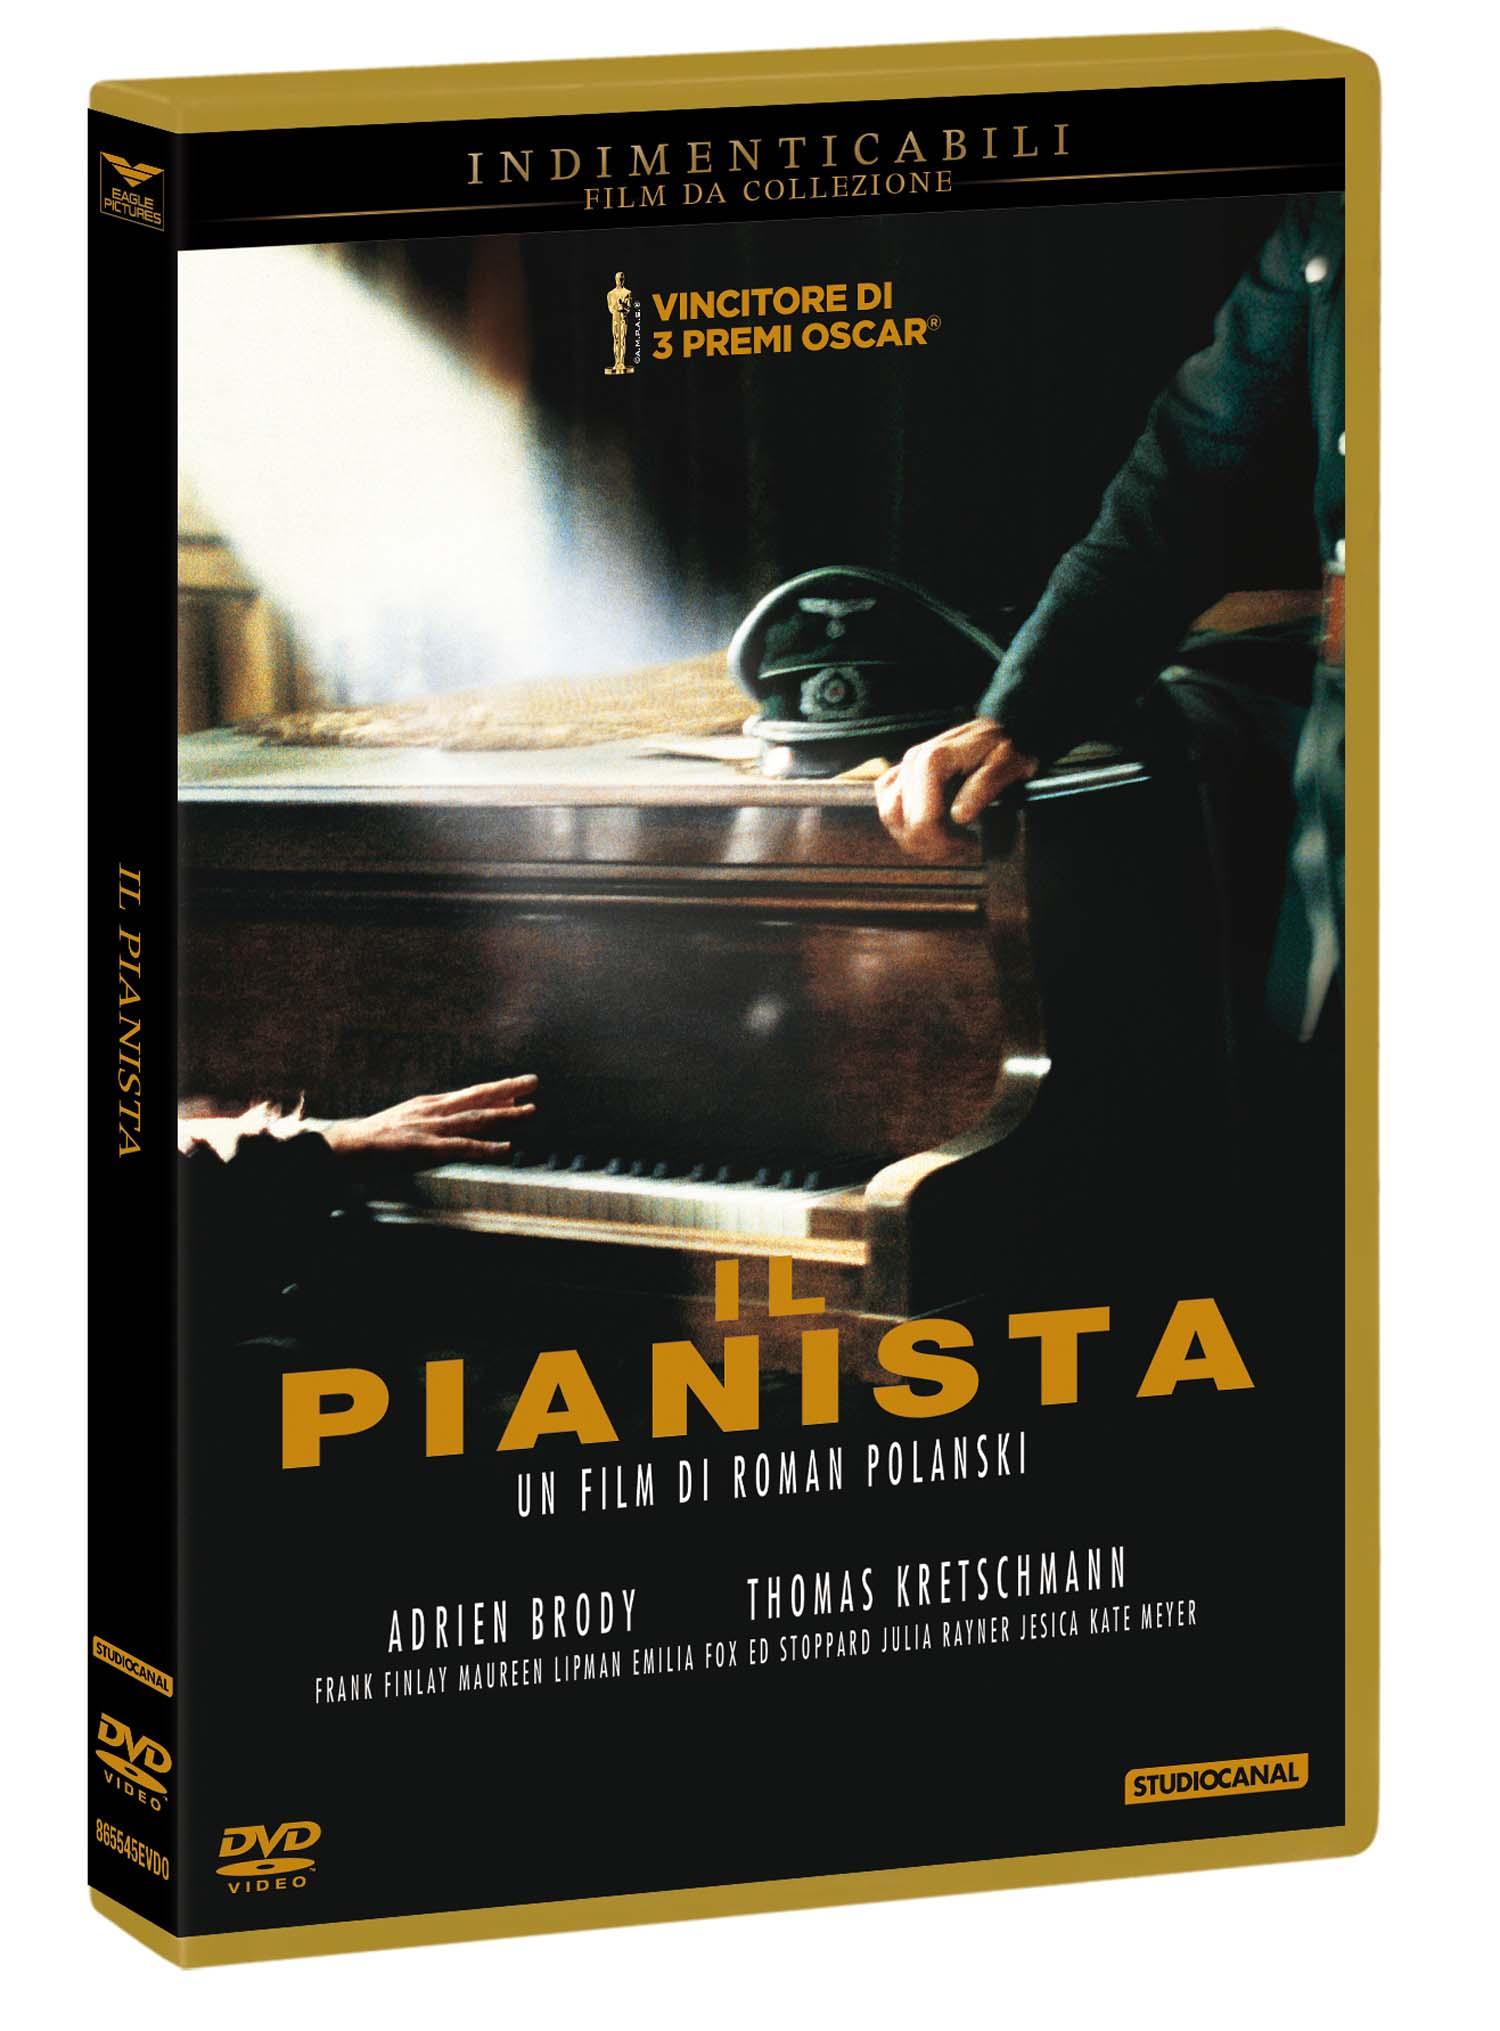 IL PIANISTA (INDIMENTICABILI) (DVD)